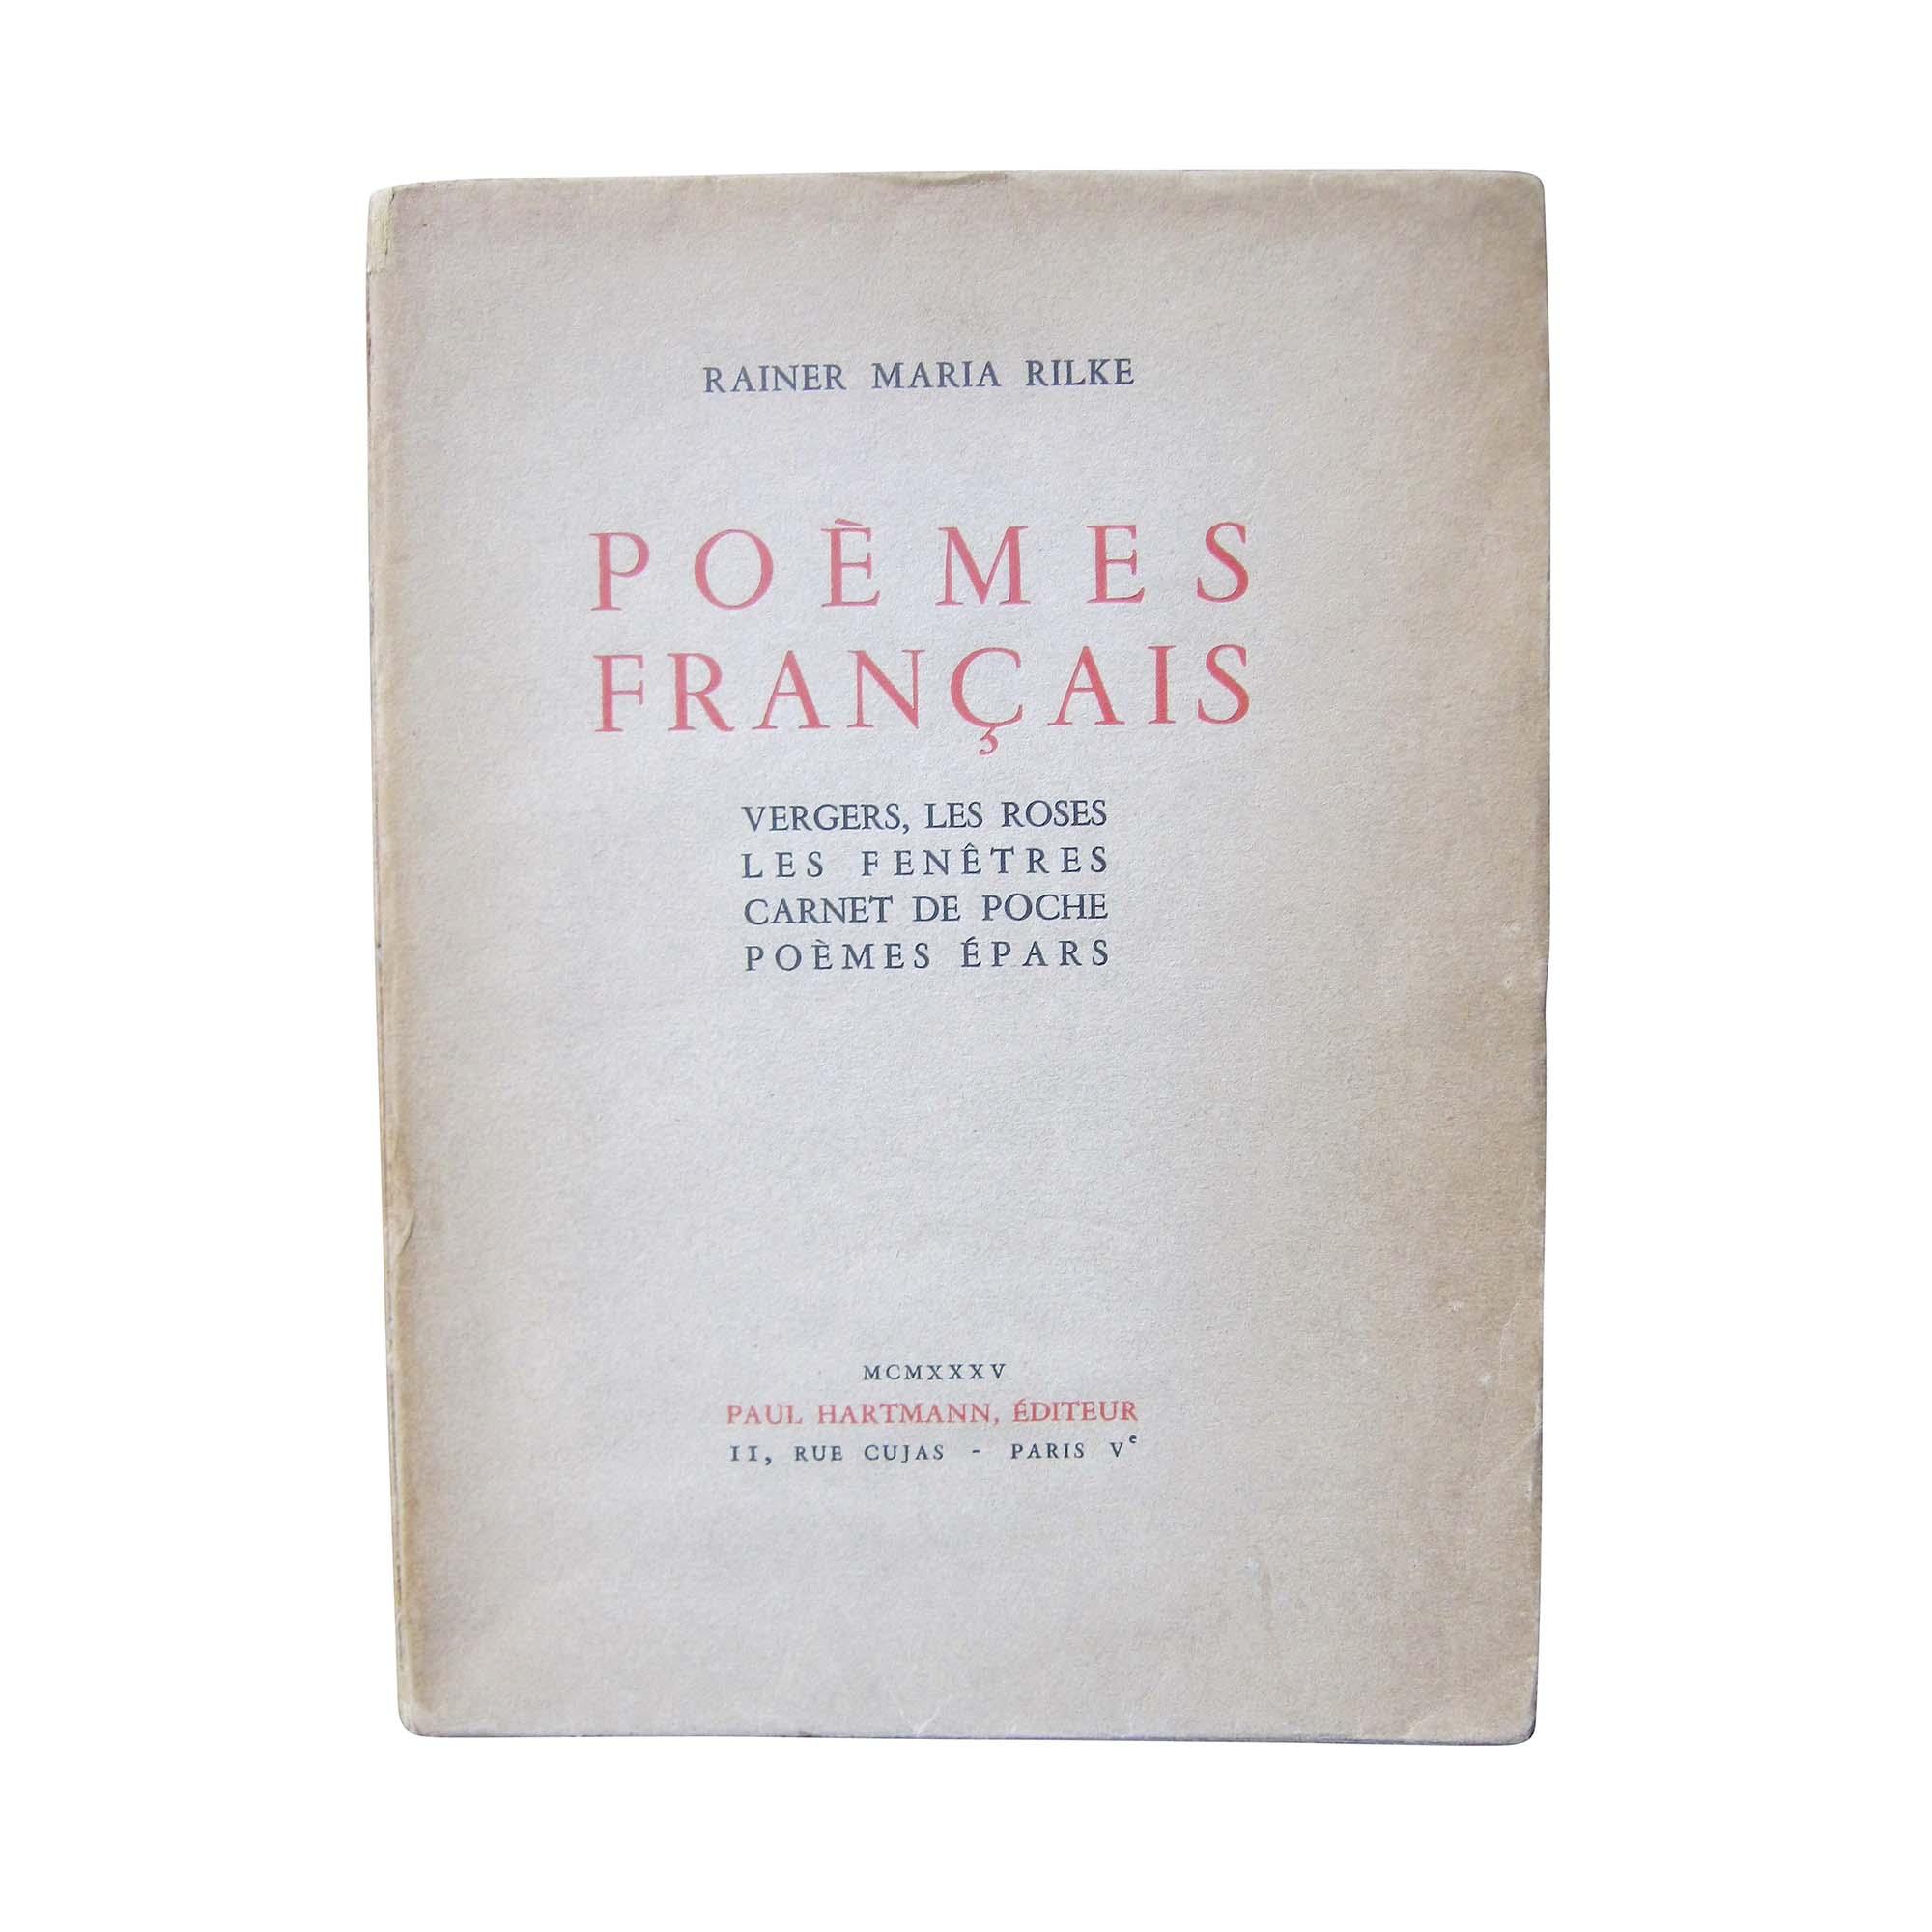 5182-Rilke-Poemes-Francais-1930-N.jpg